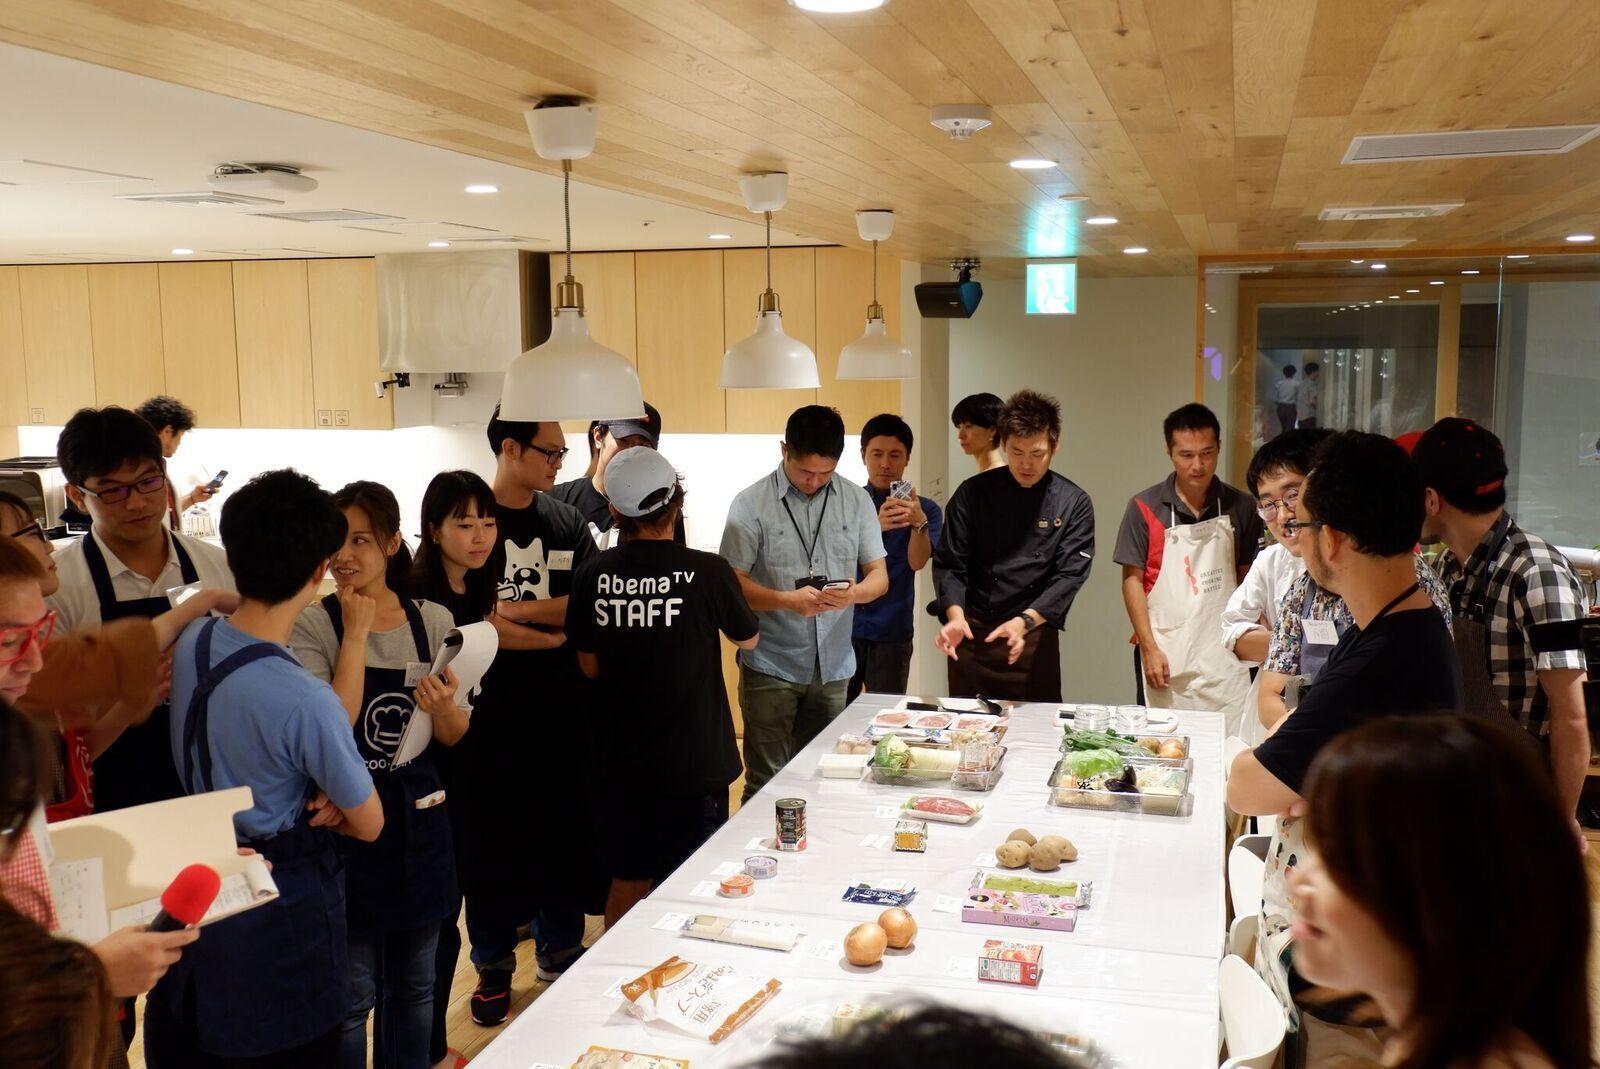 1_クッキングバトル参加者の様子_Cooking Battle attendees.jpeg